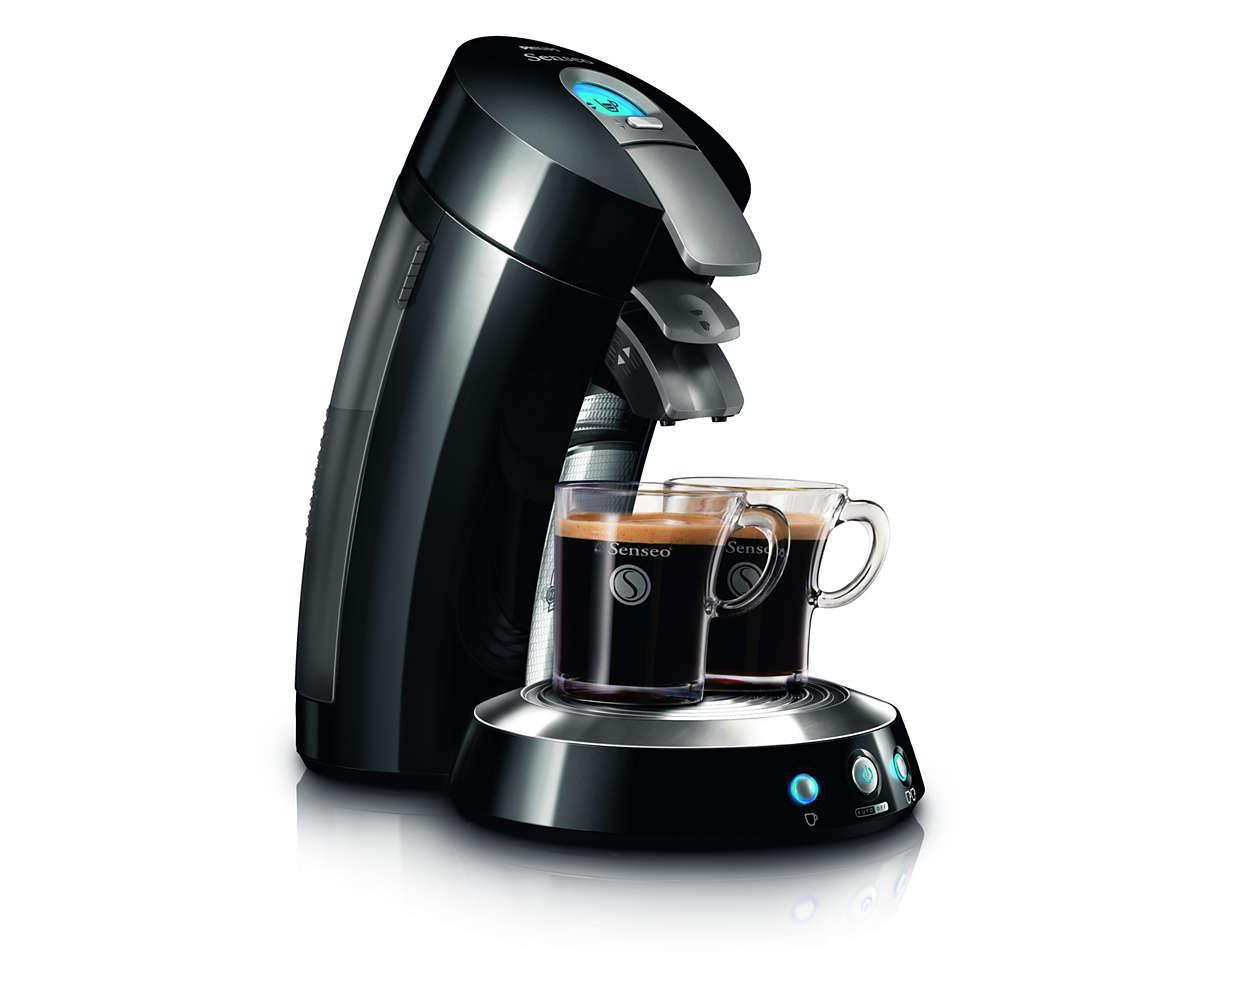 Köstliche Kaffeespezialitäten auf Knopfdruck!